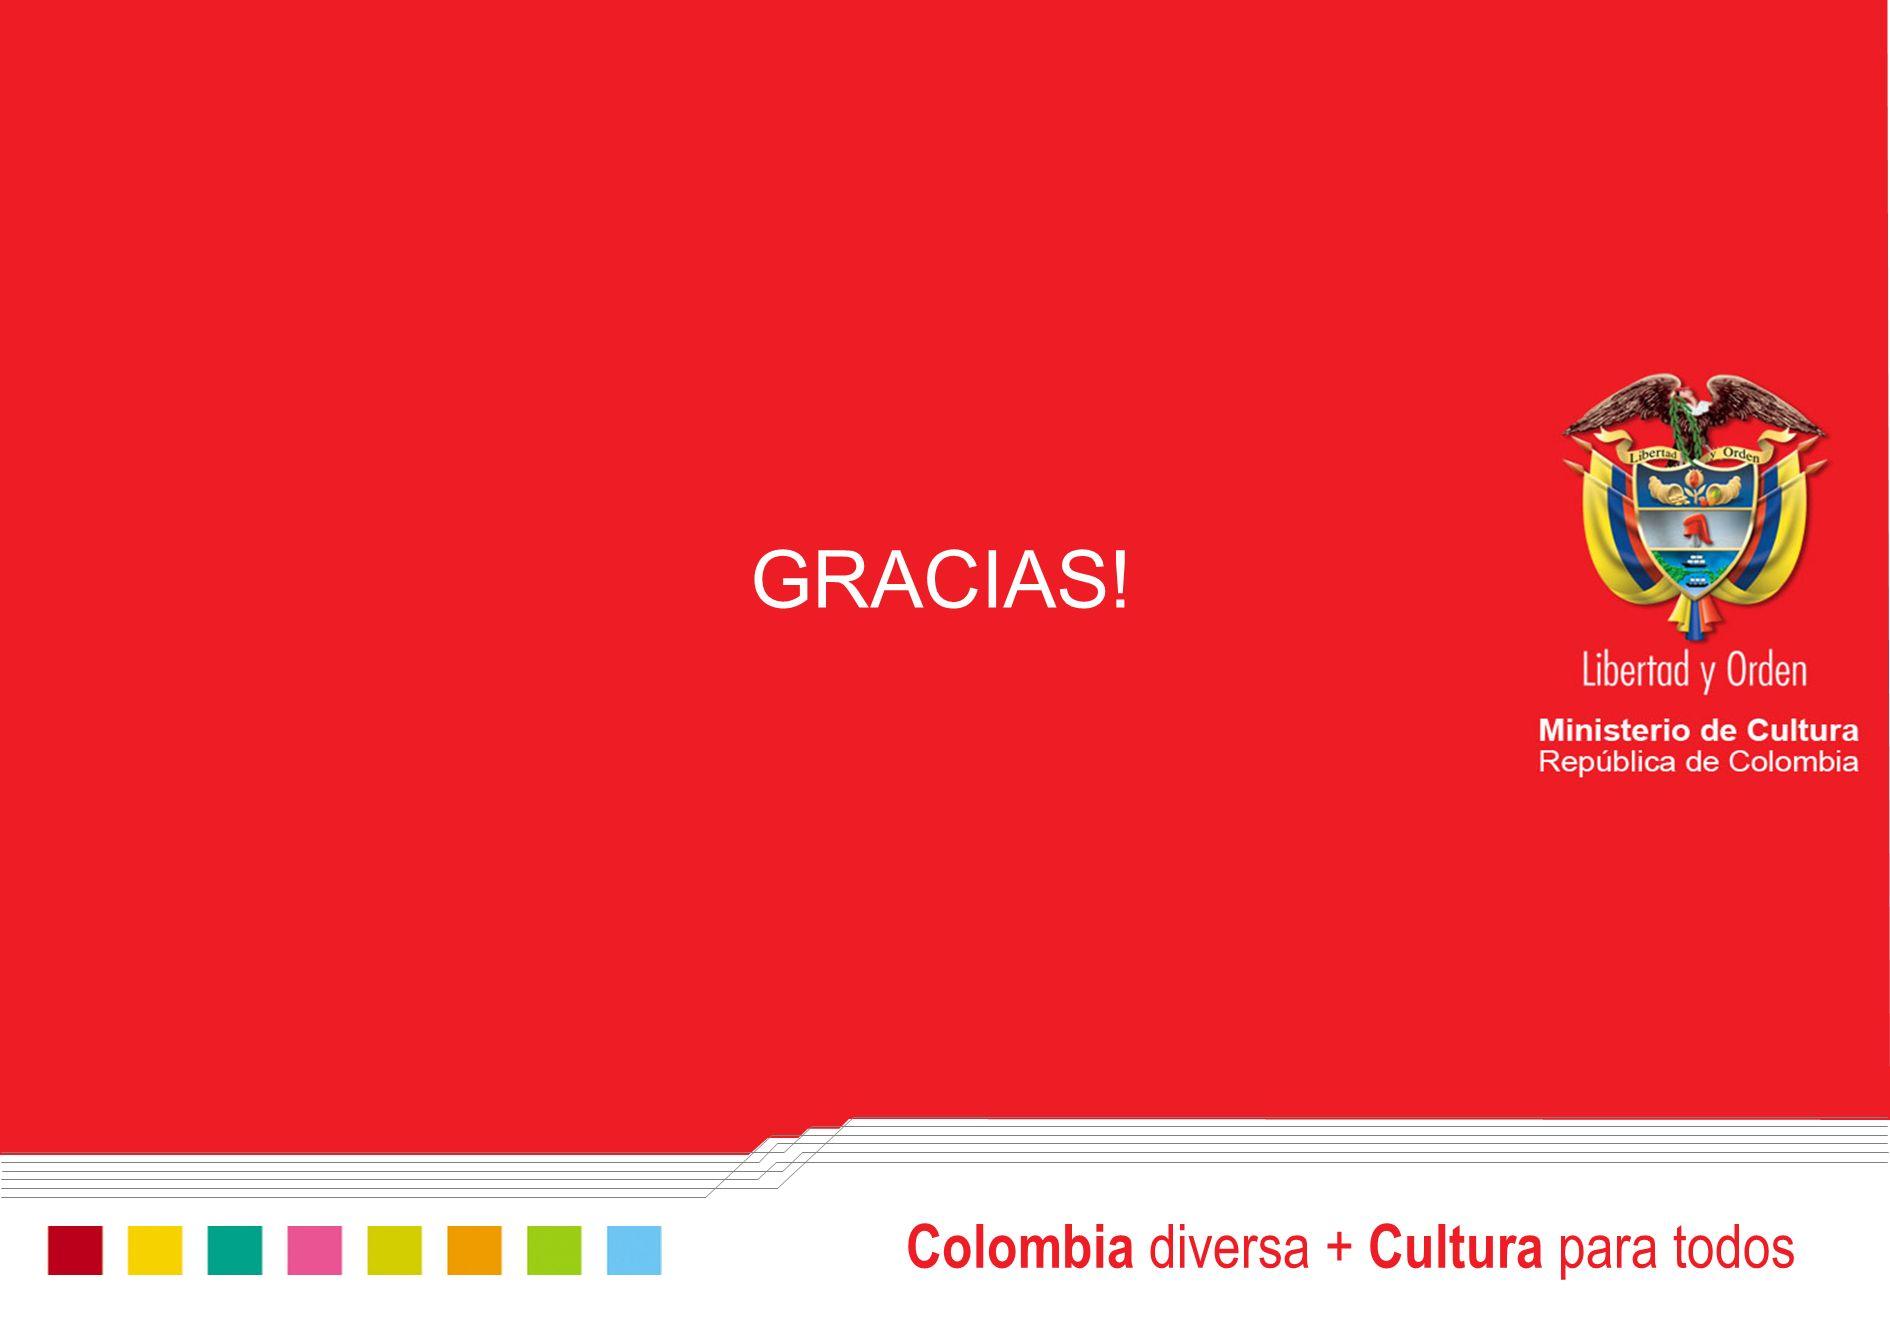 GRACIAS! Colombia diversa + Cultura para todos